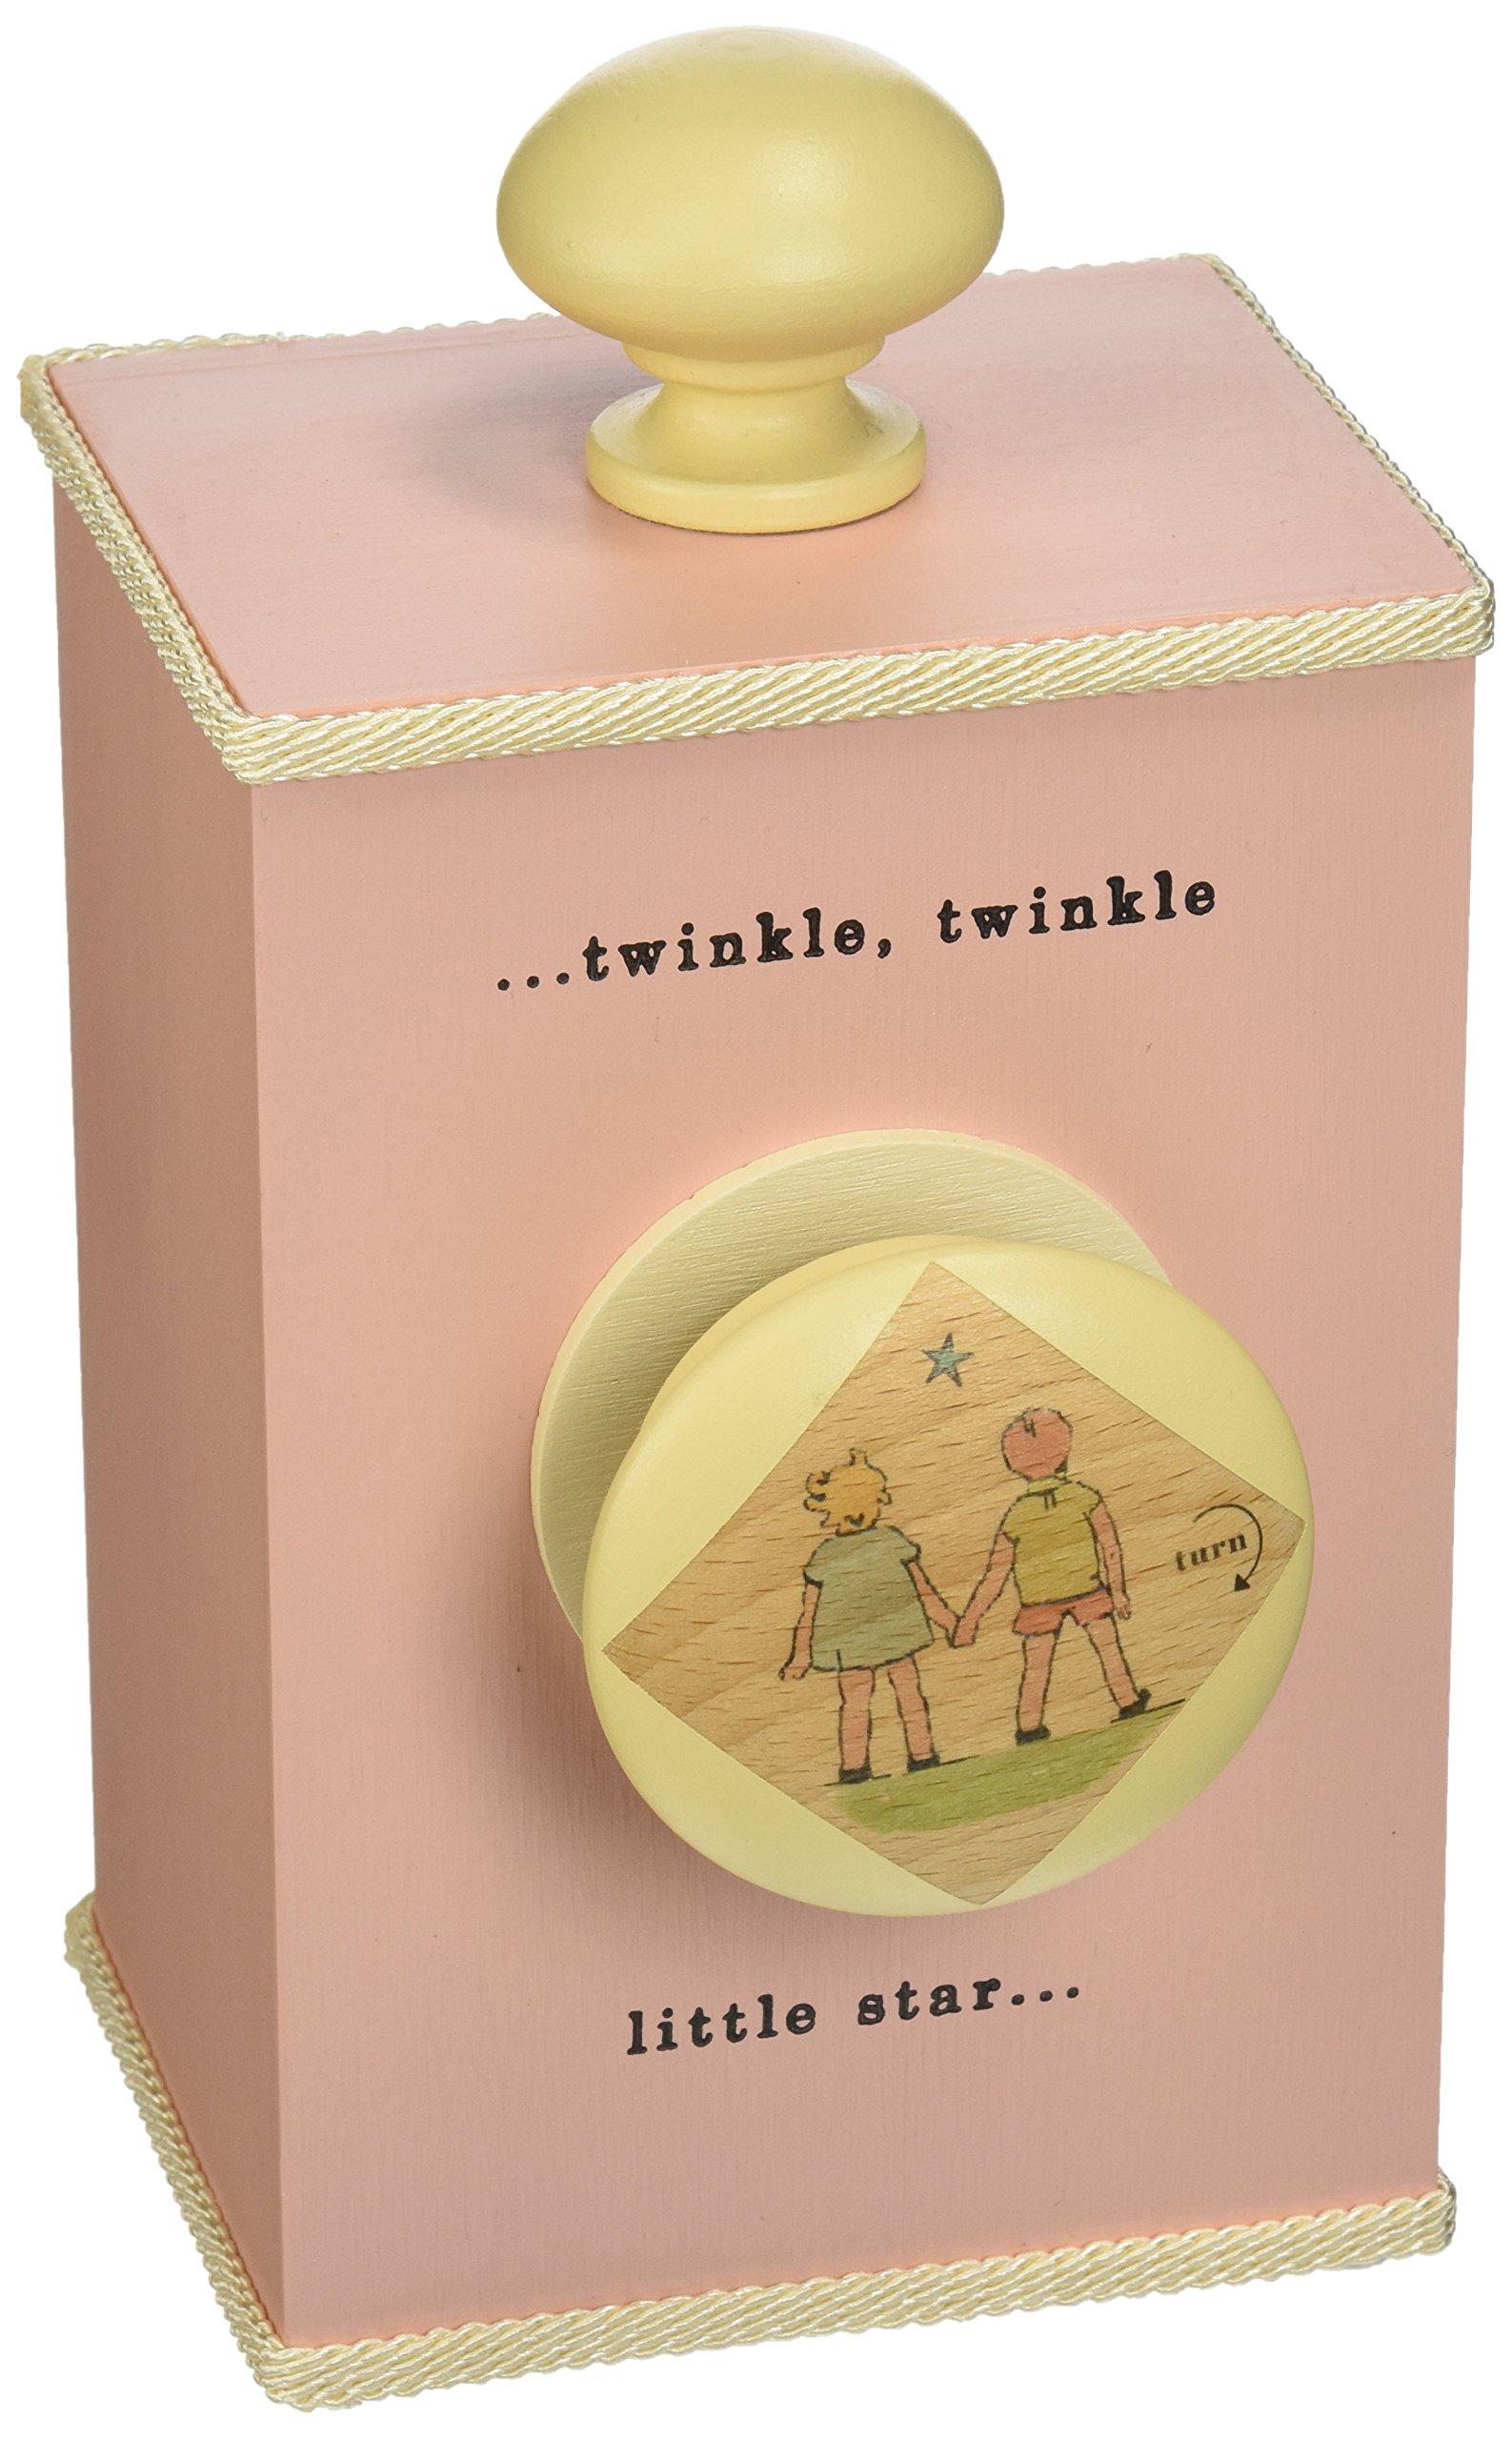 Tree by Kerri Lee Windup Music Box, Twinkle